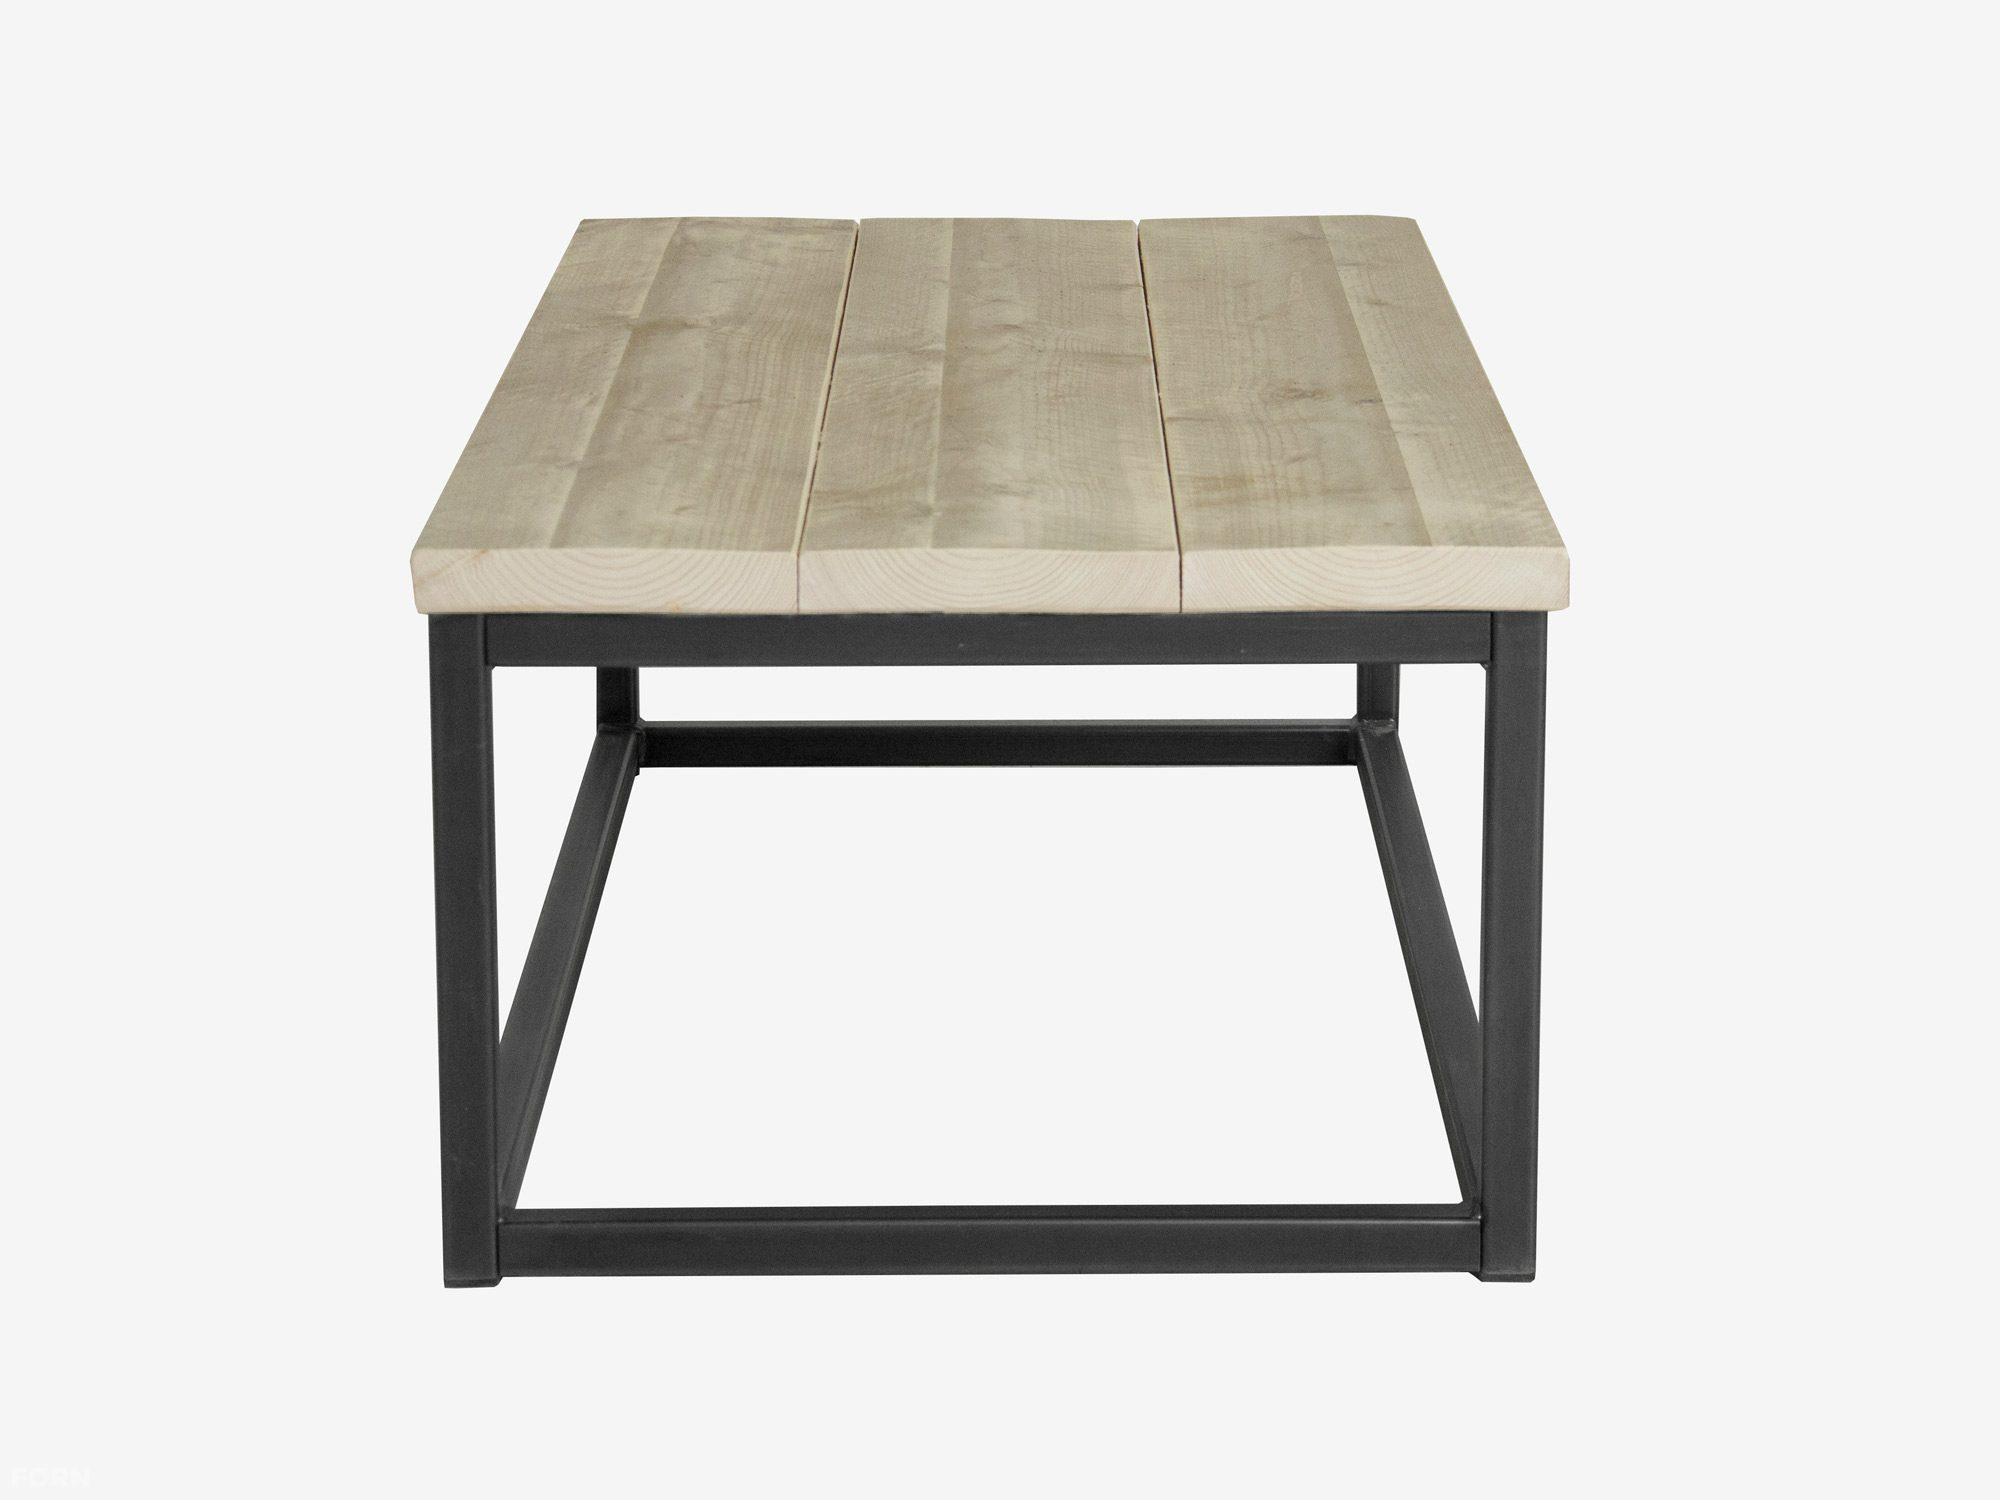 industriedesign couchtisch levi aus stahl und bauholz. Black Bedroom Furniture Sets. Home Design Ideas